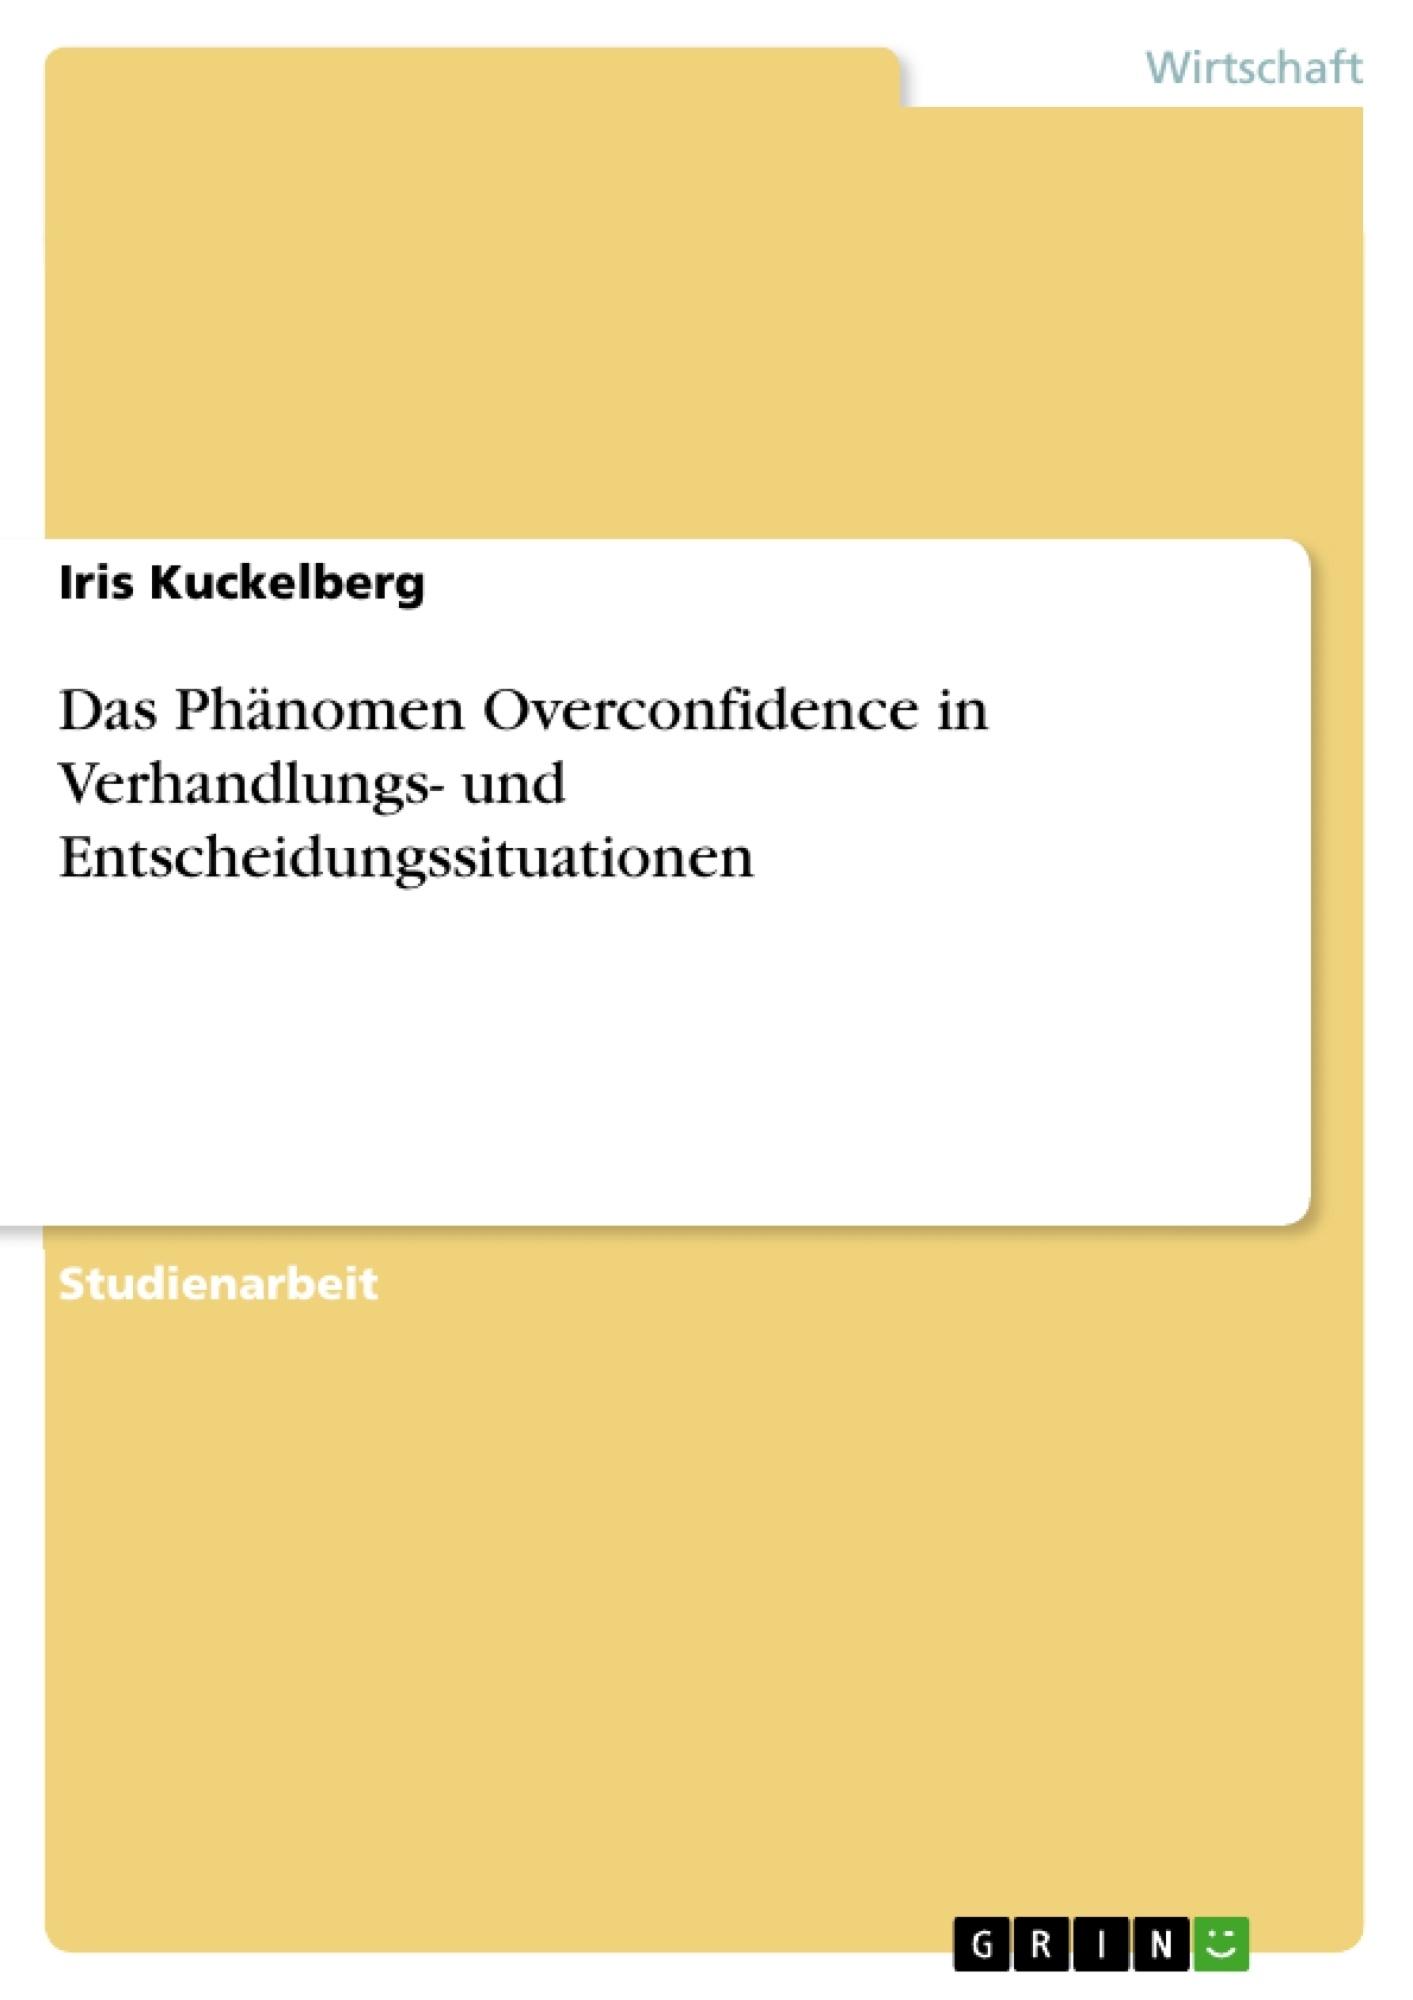 Titel: Das Phänomen Overconfidence in Verhandlungs- und Entscheidungssituationen